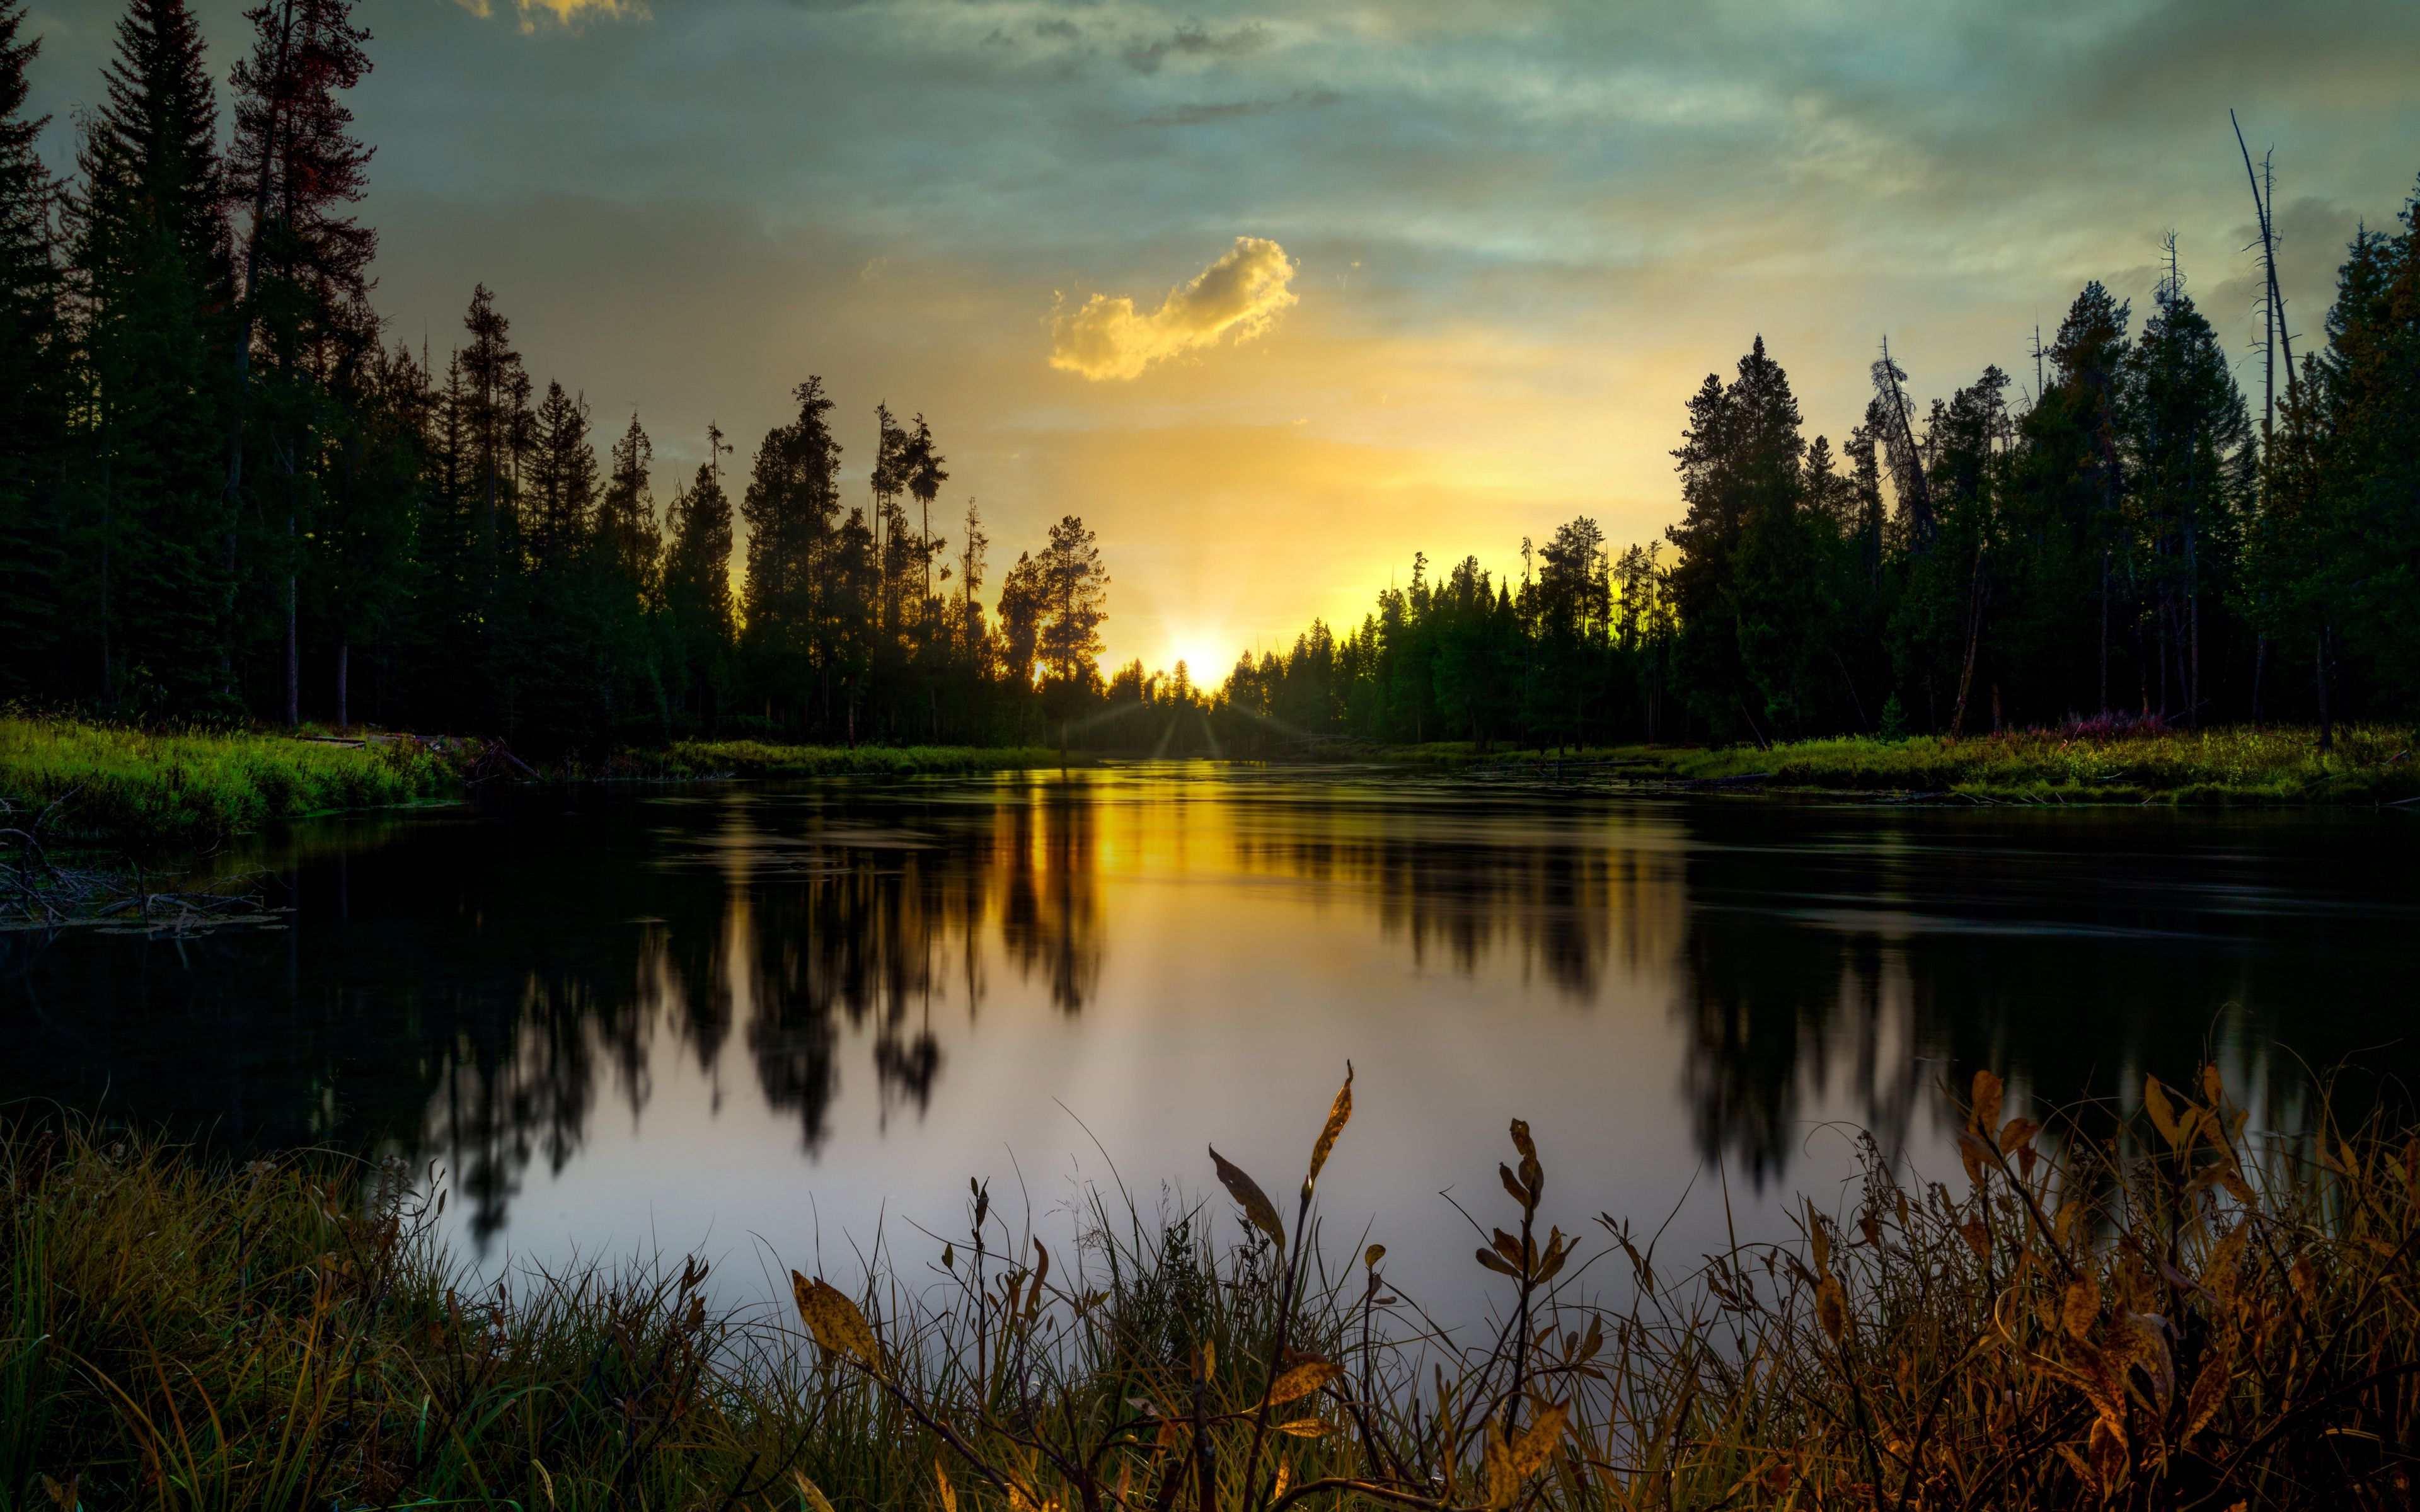 Fondos de pantalla Lago en bosque al atardecer